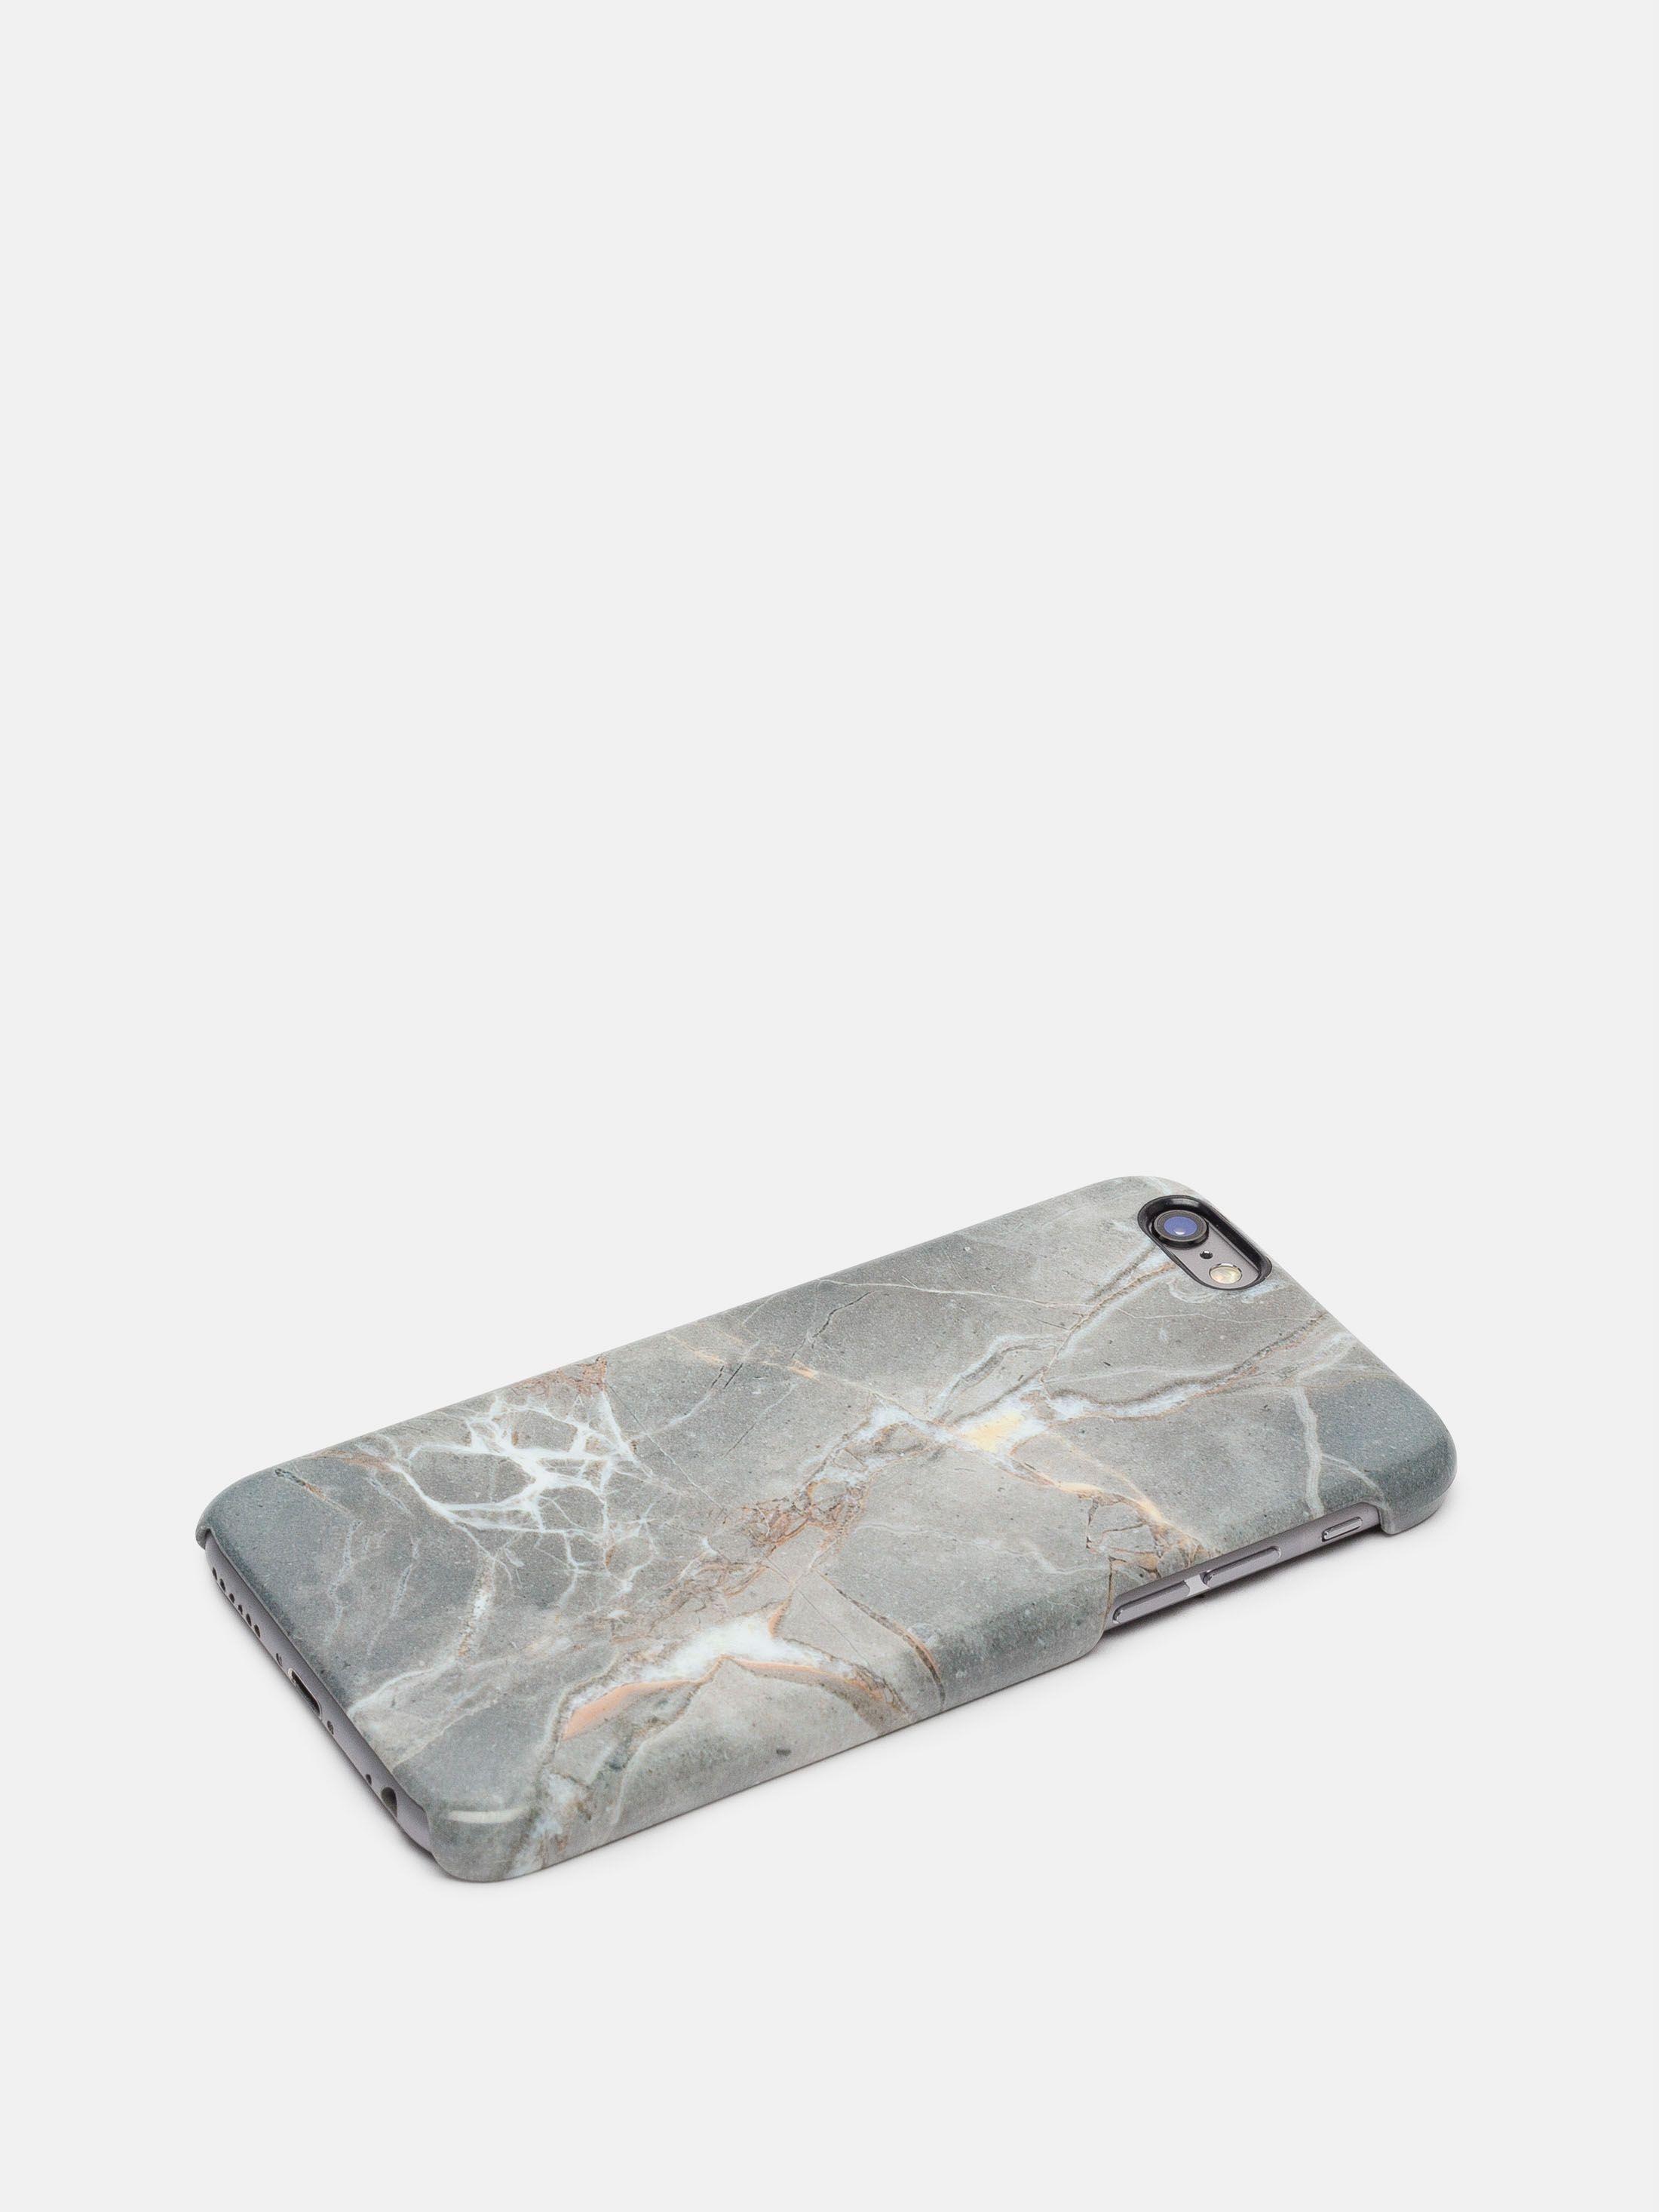 iphone 6 custom case